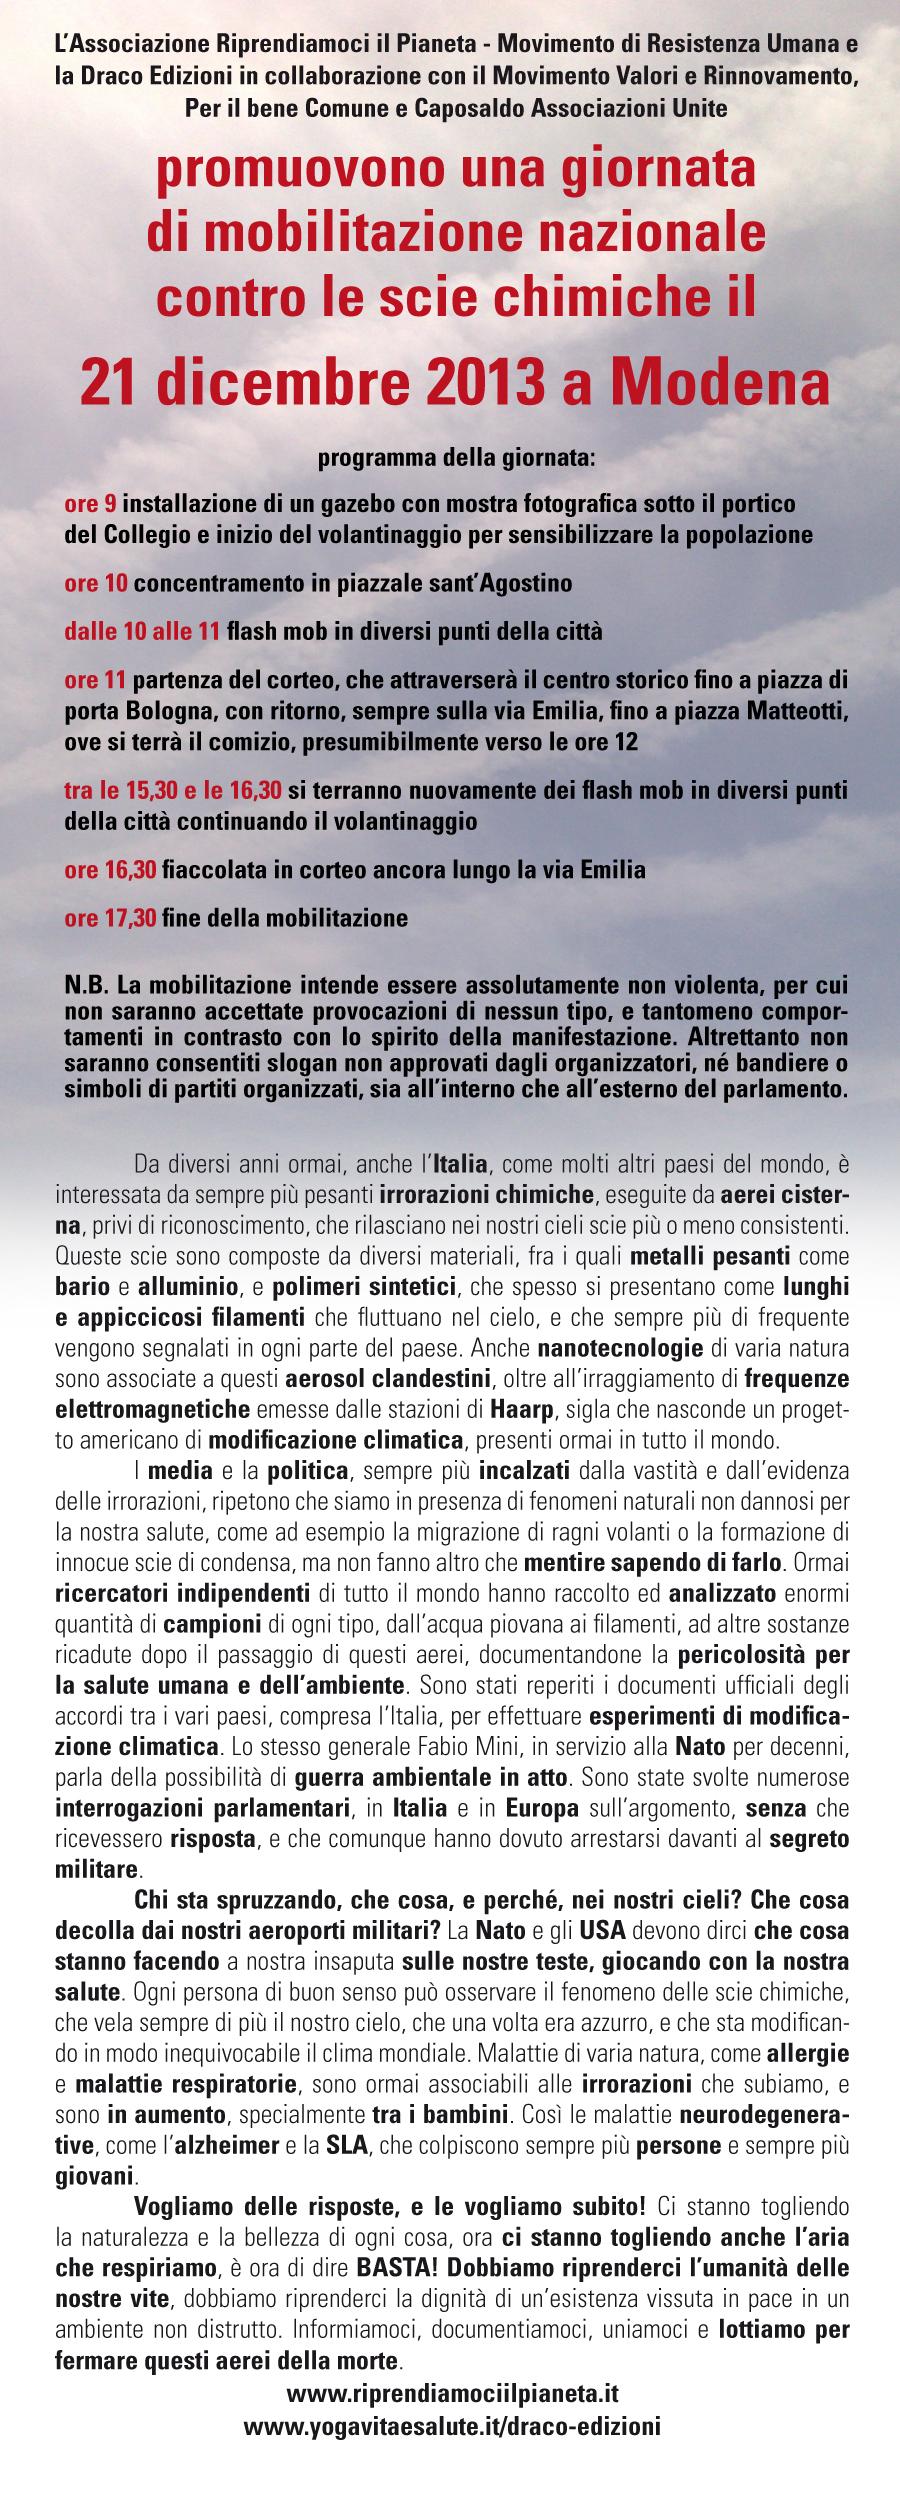 a1-Manifestazione_contro_le_Scie_chimiche